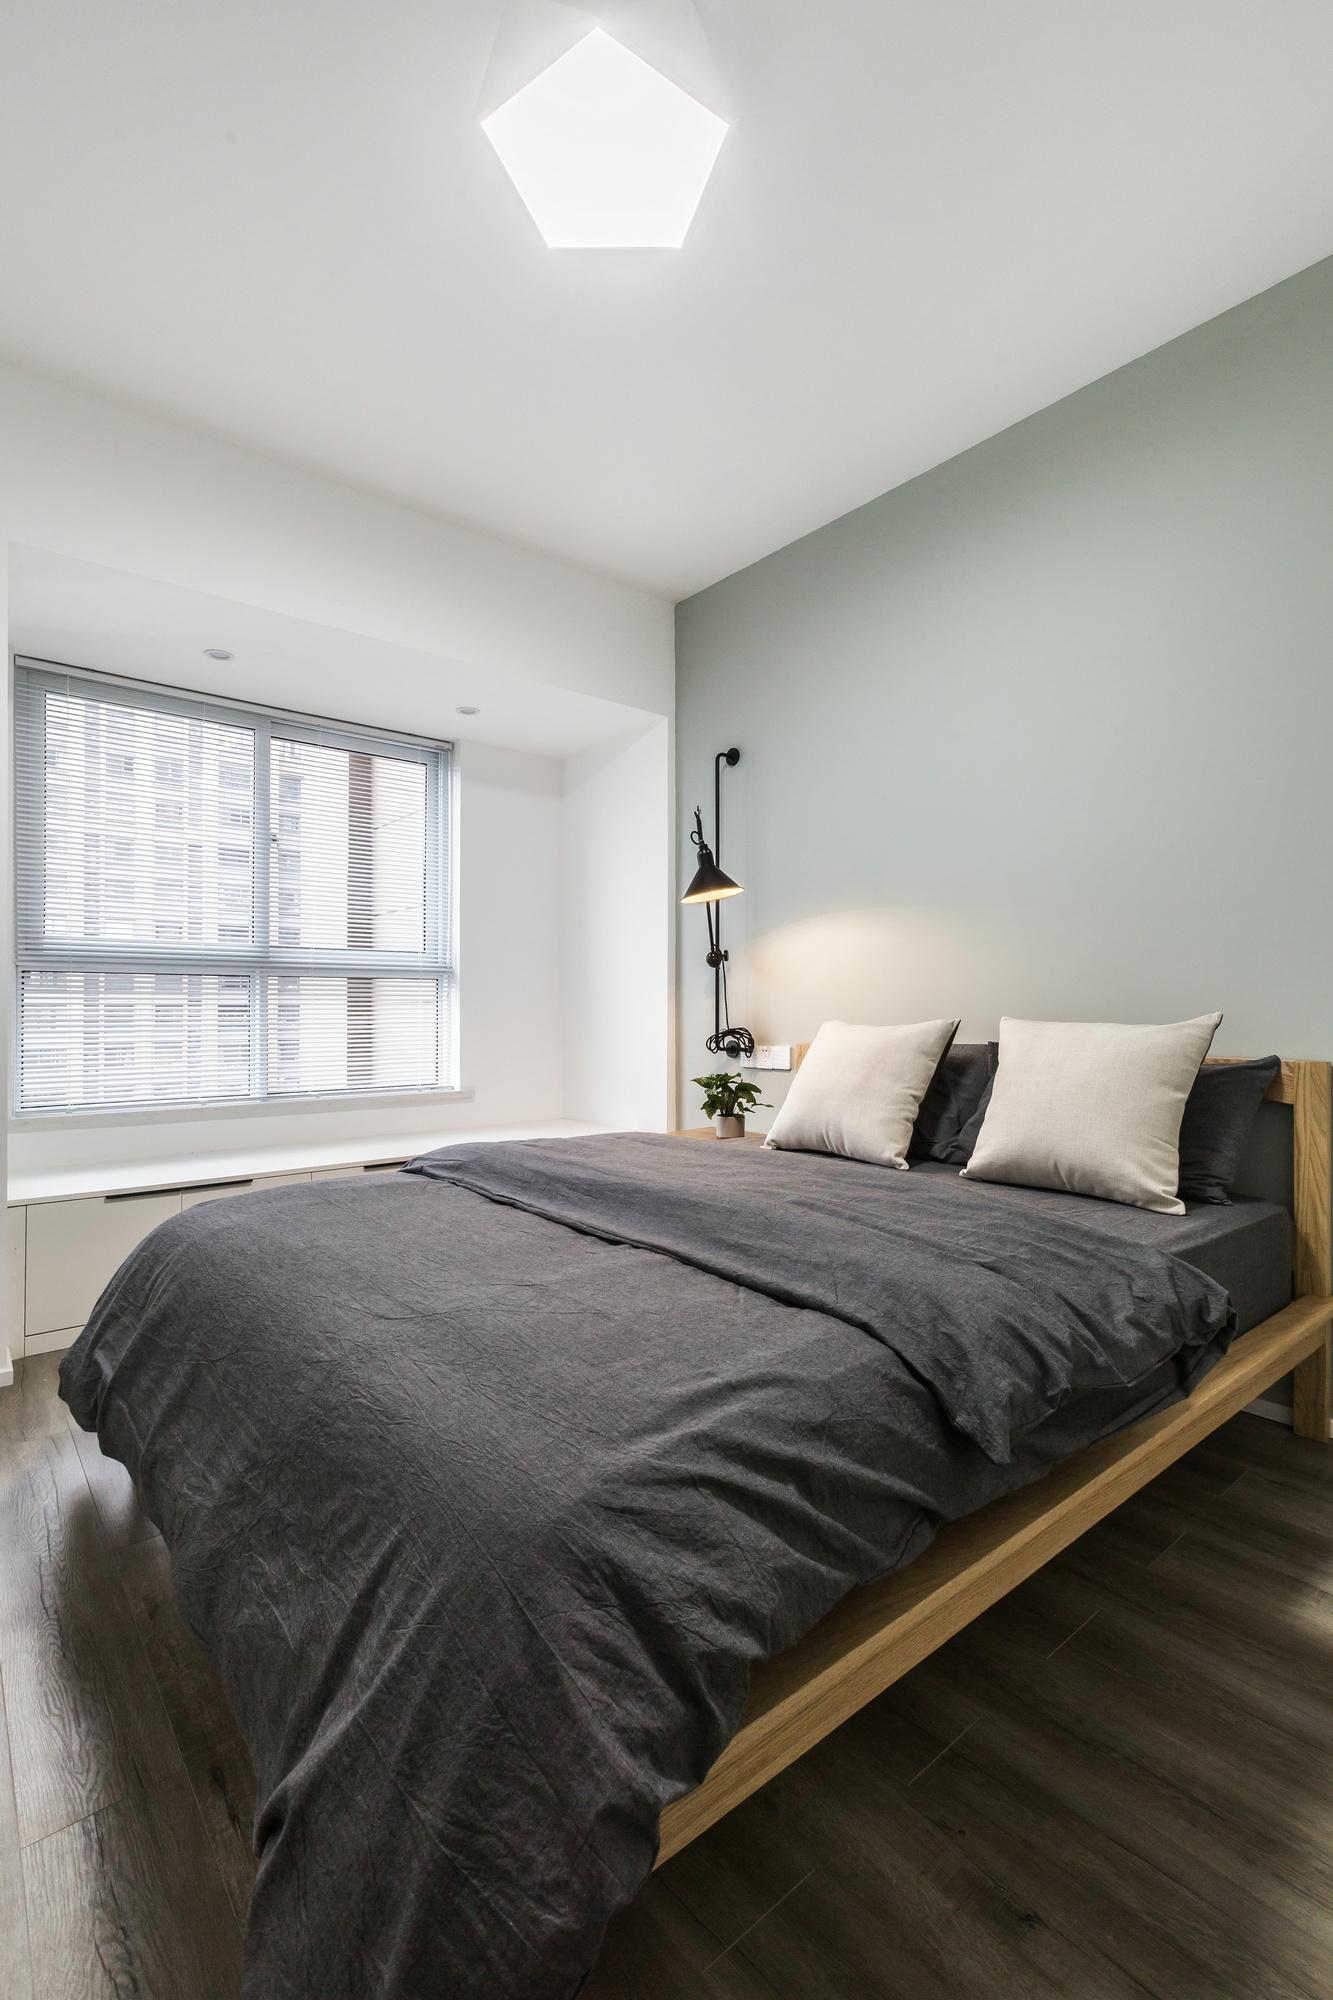 次卧转角能反射窗外的阳光让房间能更加明亮